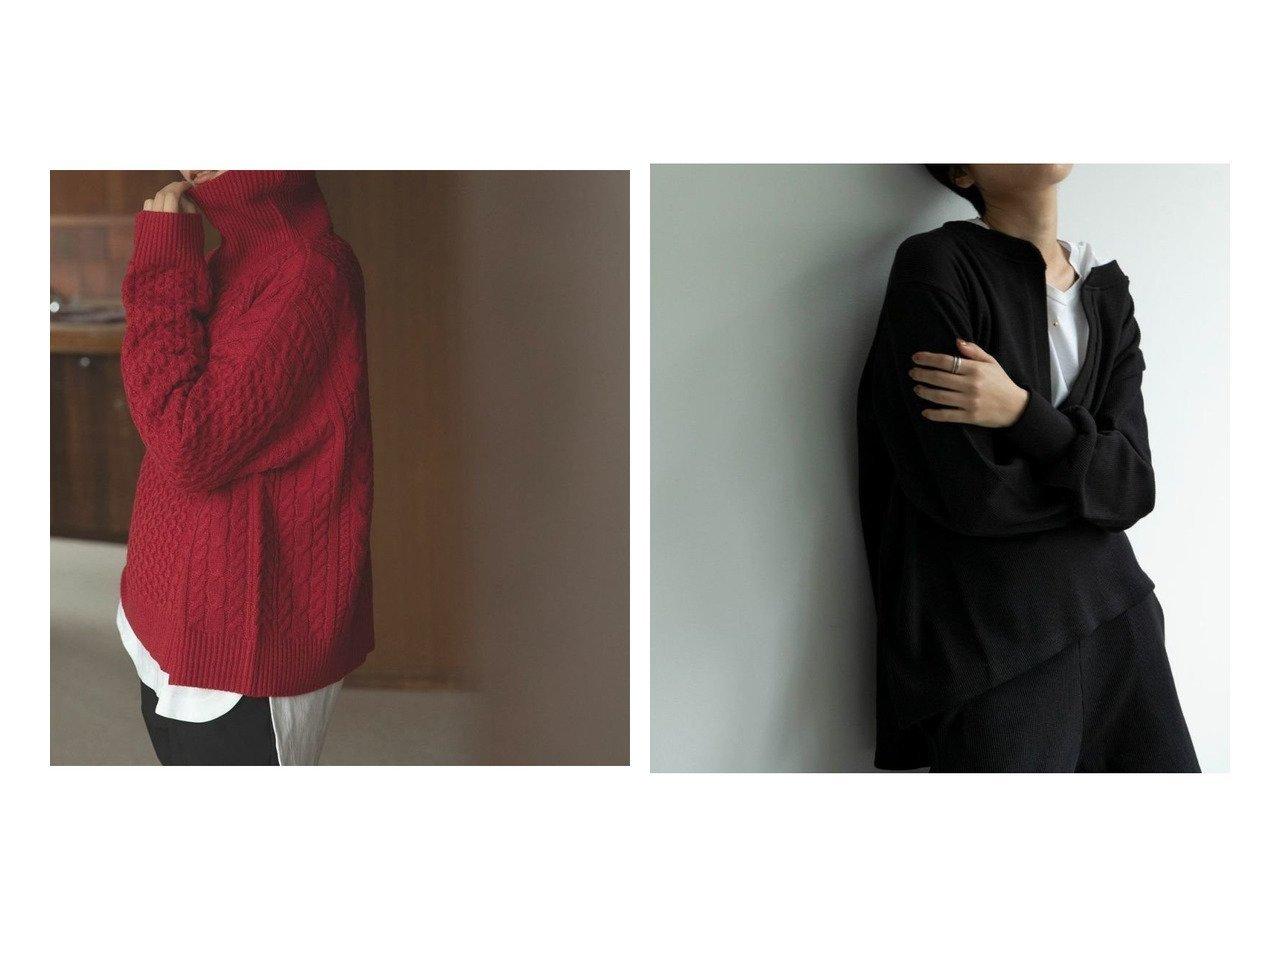 【marjour/マージュール】のmarjourルージュタートルニット ROUGE TURTLE KNIT&サーマルセットアップ THERMAL SETUP マージュールのおすすめ!人気、トレンド・レディースファッションの通販 おすすめで人気の流行・トレンド、ファッションの通販商品 メンズファッション・キッズファッション・インテリア・家具・レディースファッション・服の通販 founy(ファニー) https://founy.com/ ファッション Fashion レディースファッション WOMEN トップス カットソー Tops Tshirt ニット Knit Tops セットアップ Setup インナー ジャケット タートル タートルネック ダメージ チェック 秋 Autumn/Fall カットソー キャミソール スウェット スタイリッシュ スリット セットアップ デニム 長袖 ボトム おすすめ Recommend  ID:crp329100000021578